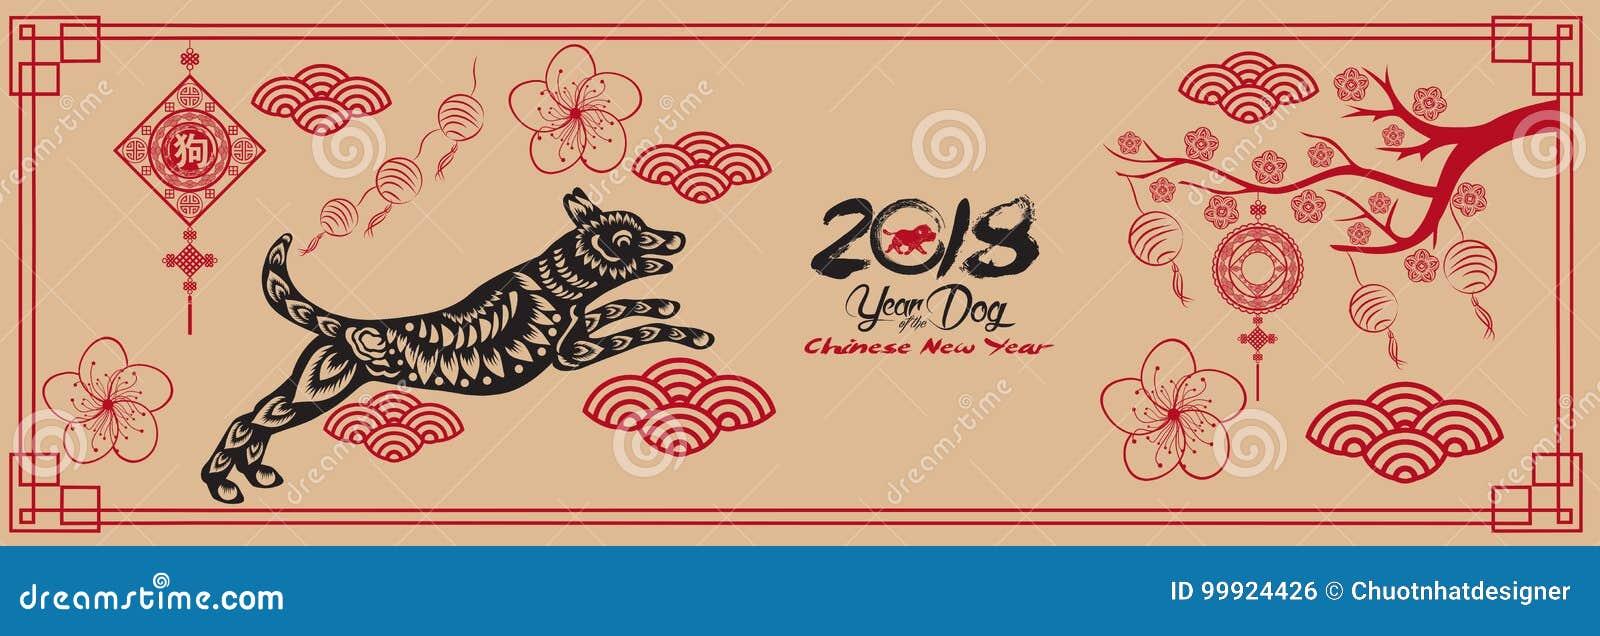 Guten Rutsch Ins Neue Jahr, Hund 2018, Chinesische Grüße Des Neuen ...